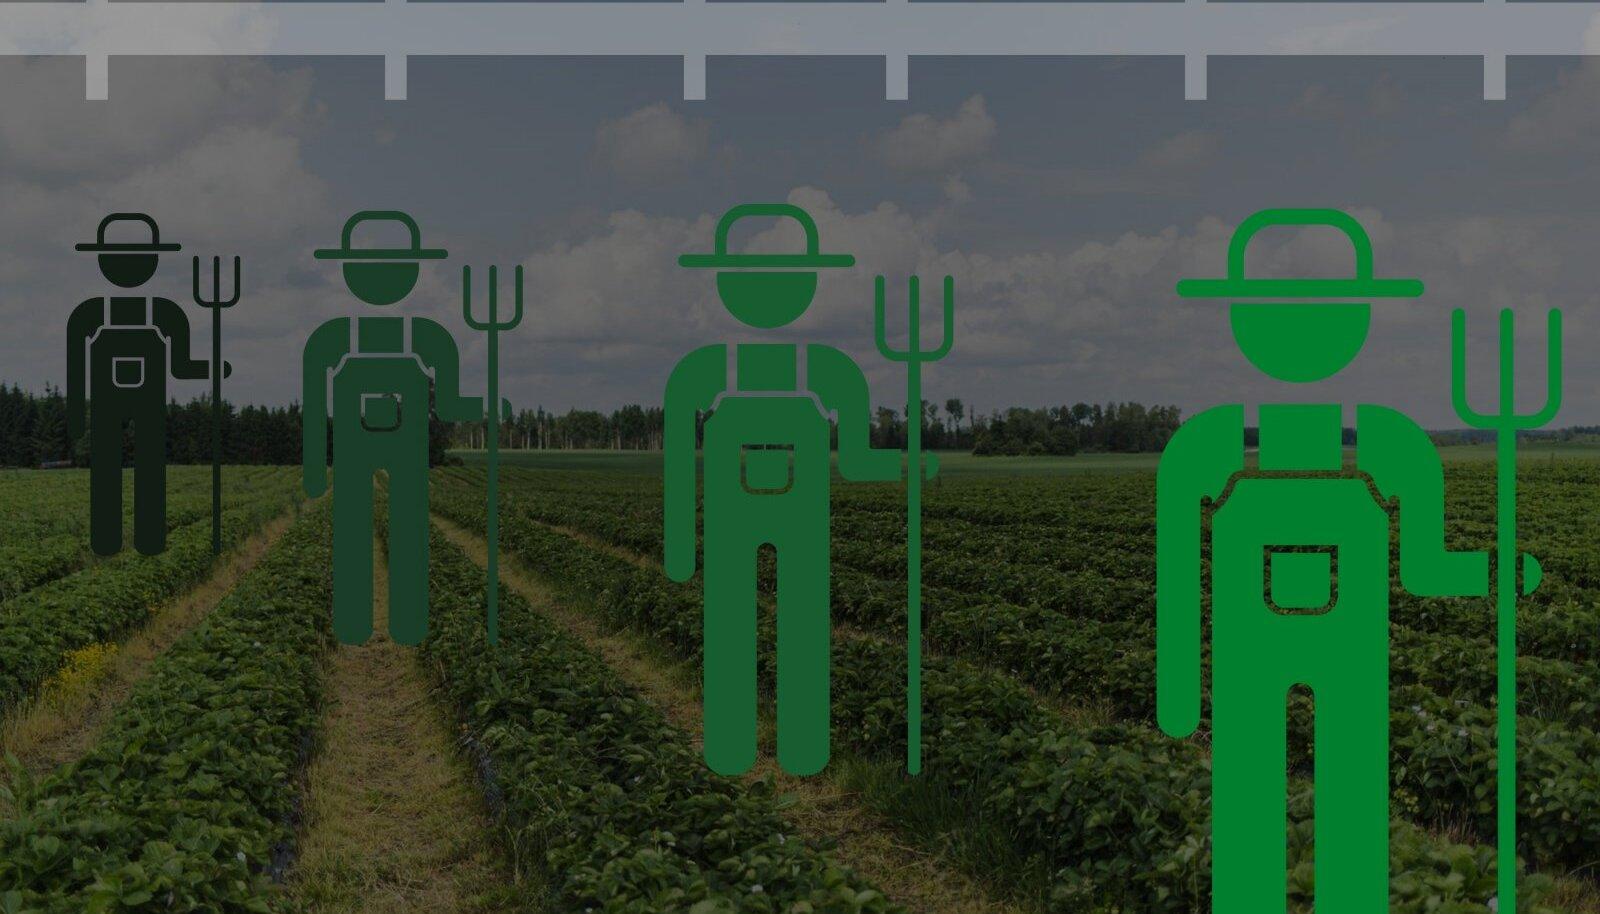 Euroopa Komisjoni juhistes öeldi, et eluliselt vajalike ametite esindajaid, sh põllutöölised, tuleb riiki lubada, kui neile on tehtud tervisekontroll, nad pole nakatunud ja viibivad karantiinis.